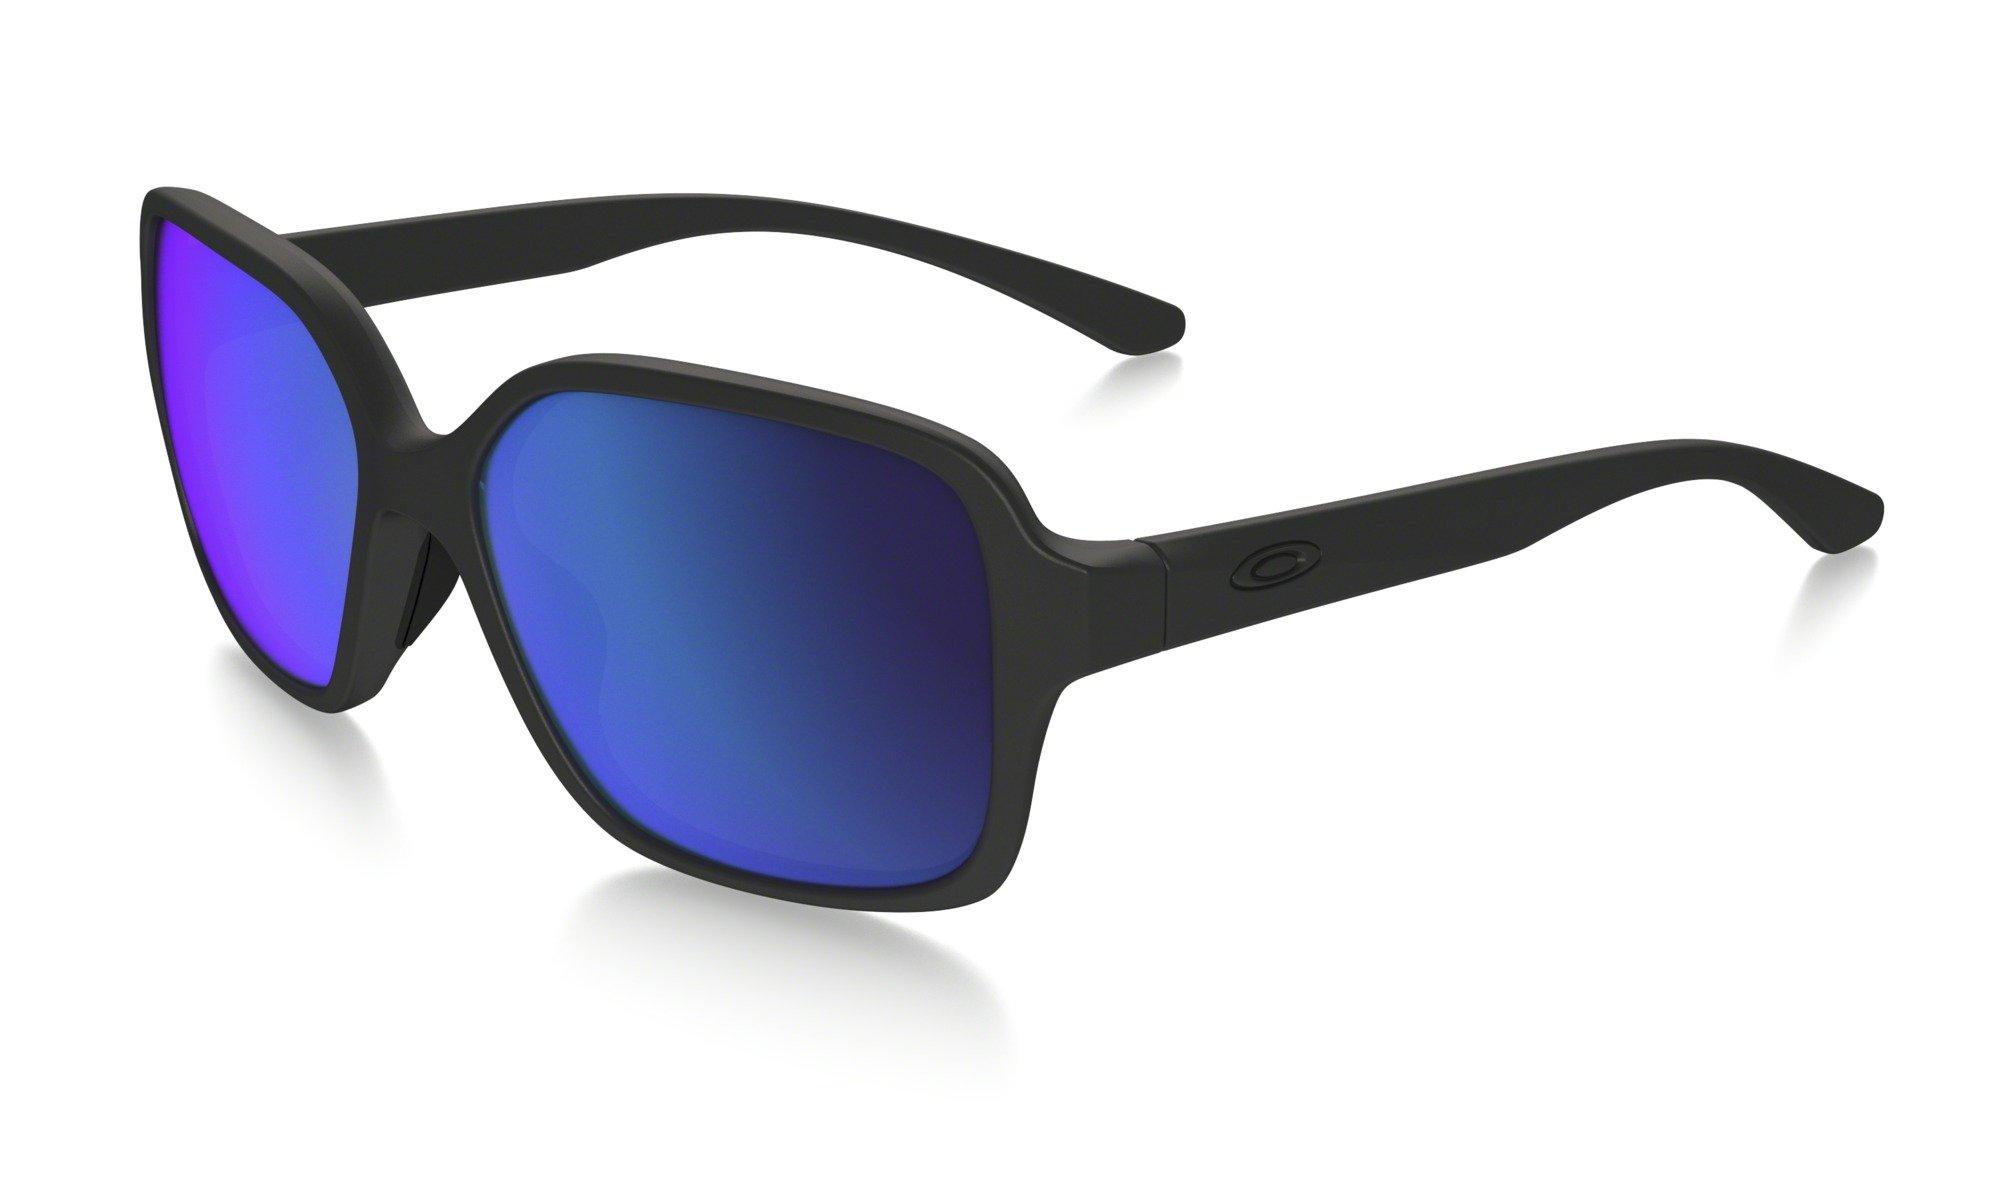 Sluneční brýle Oakley OAKLEY Proxy Pol Matte Black w/Sapphire Iridium